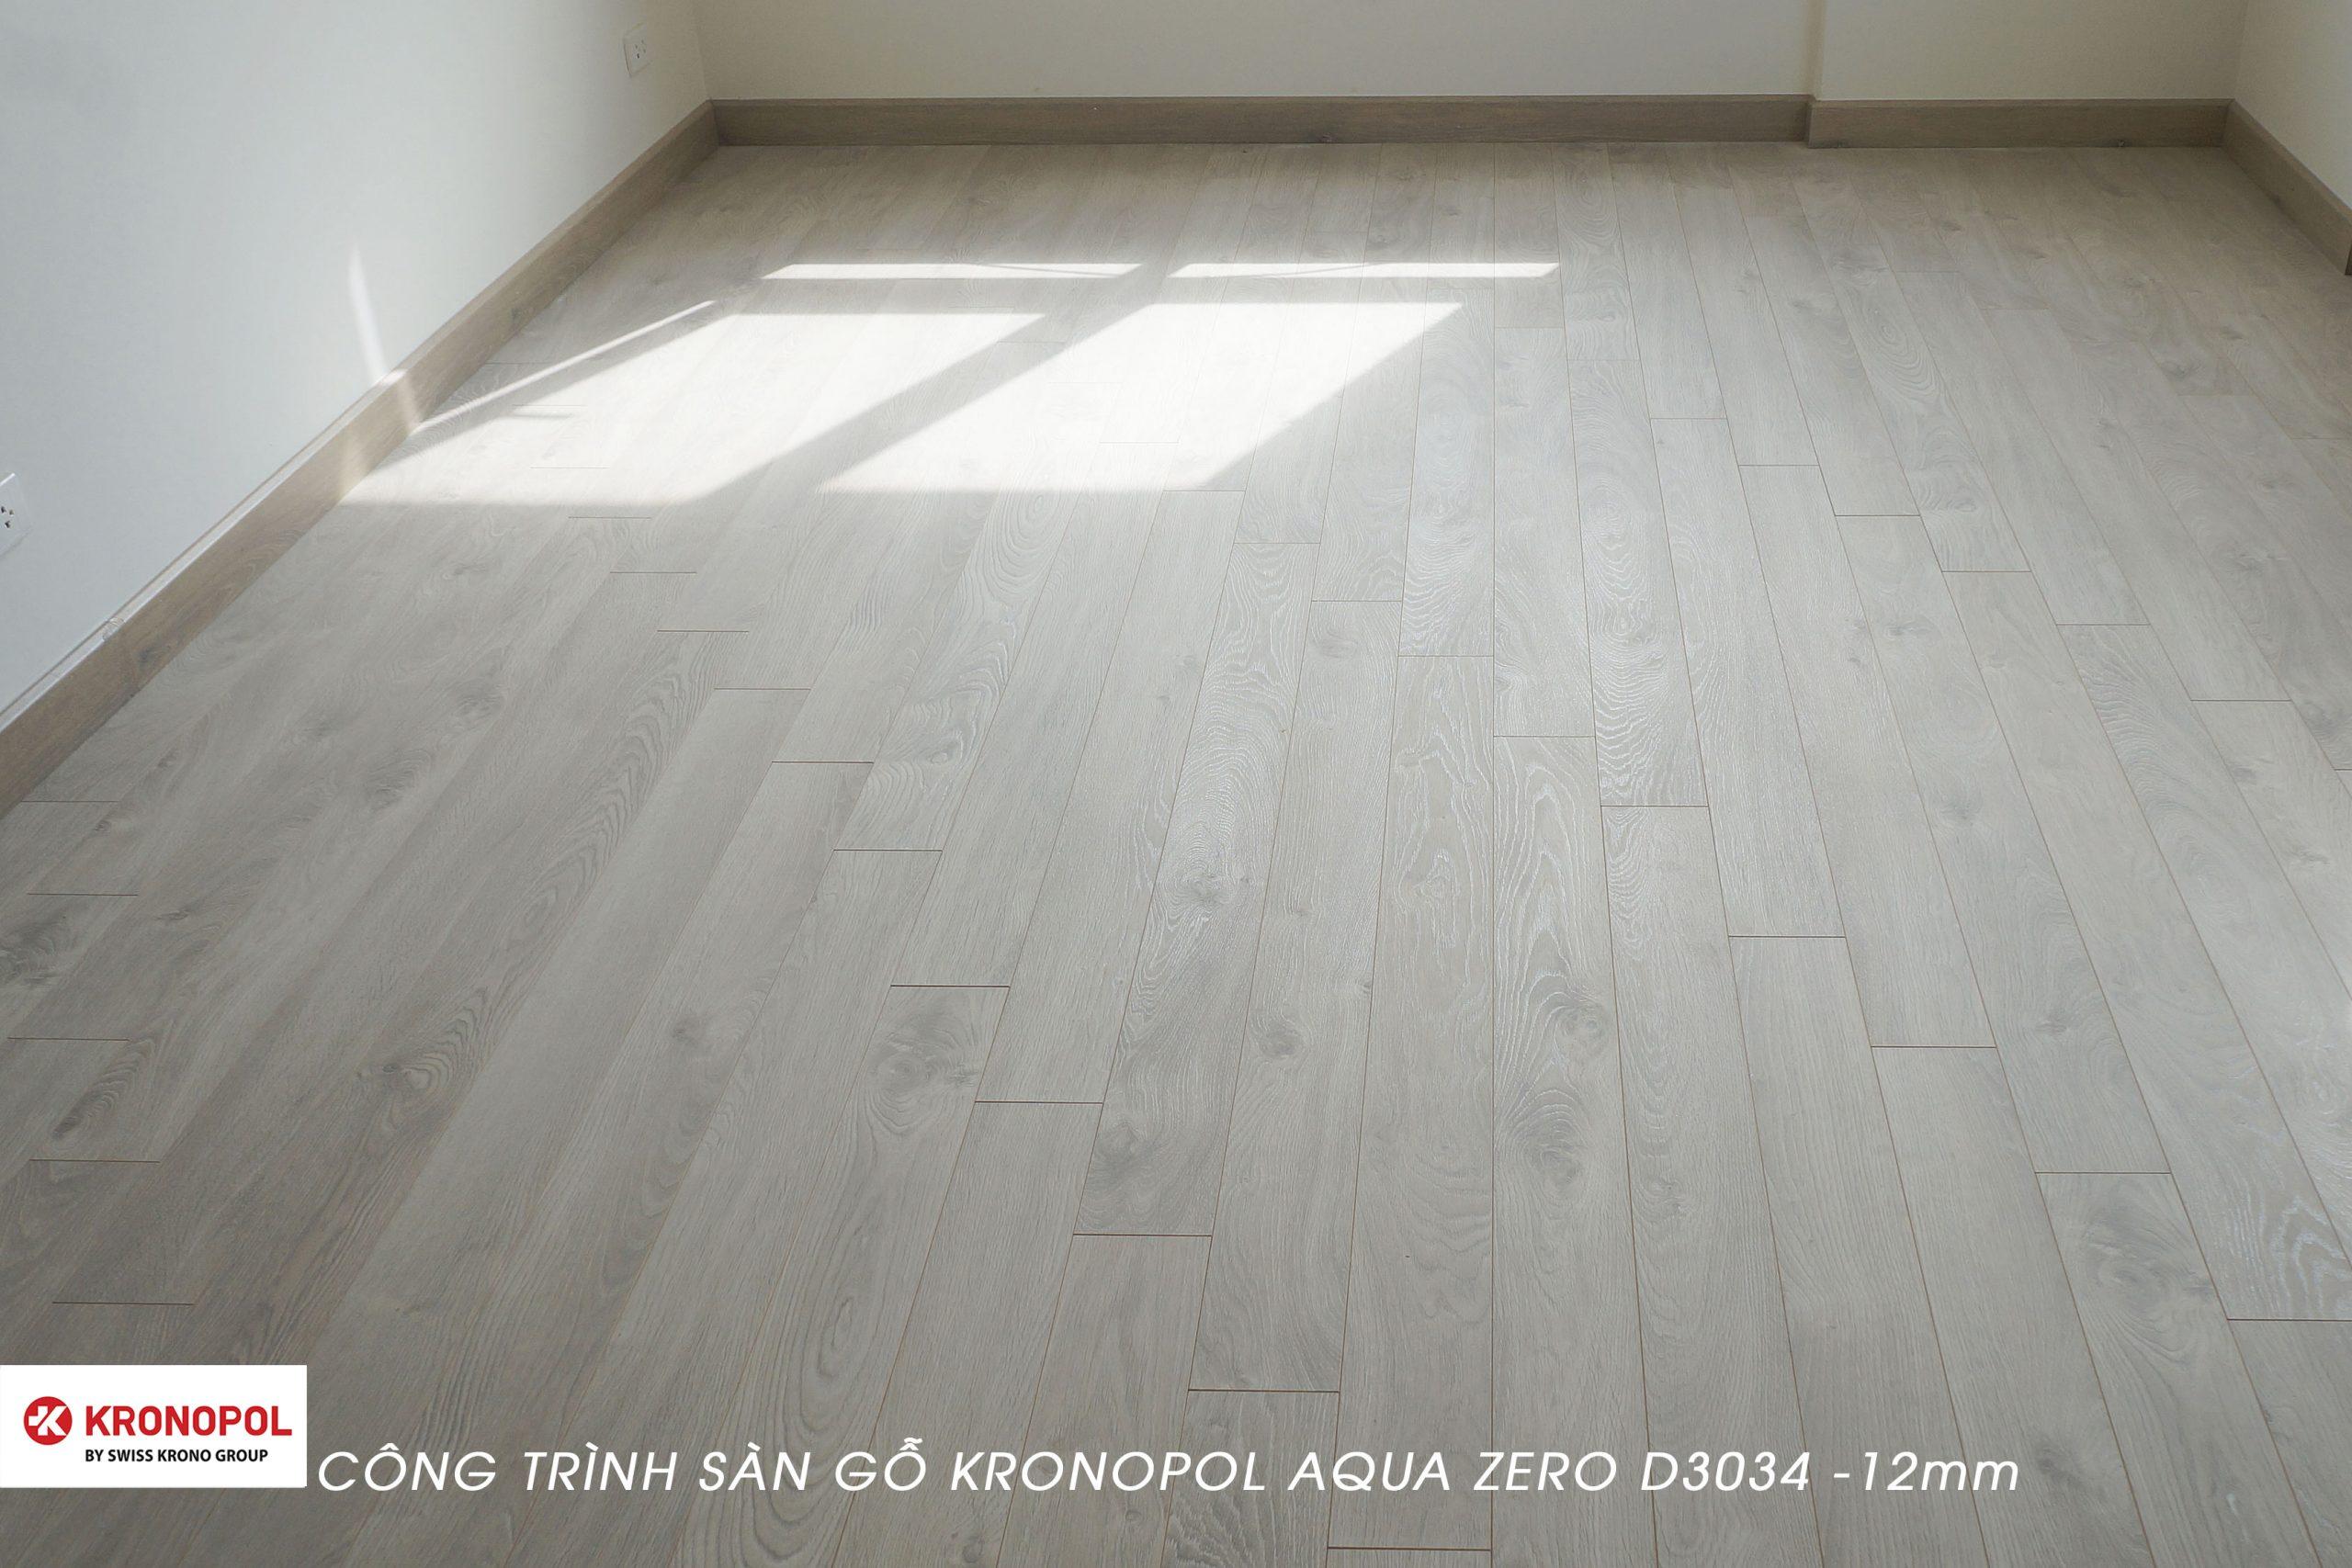 Với gàm màu trắng sữa, Kronopol D3034 giúp phòng ngủ trở nên rộng hơn